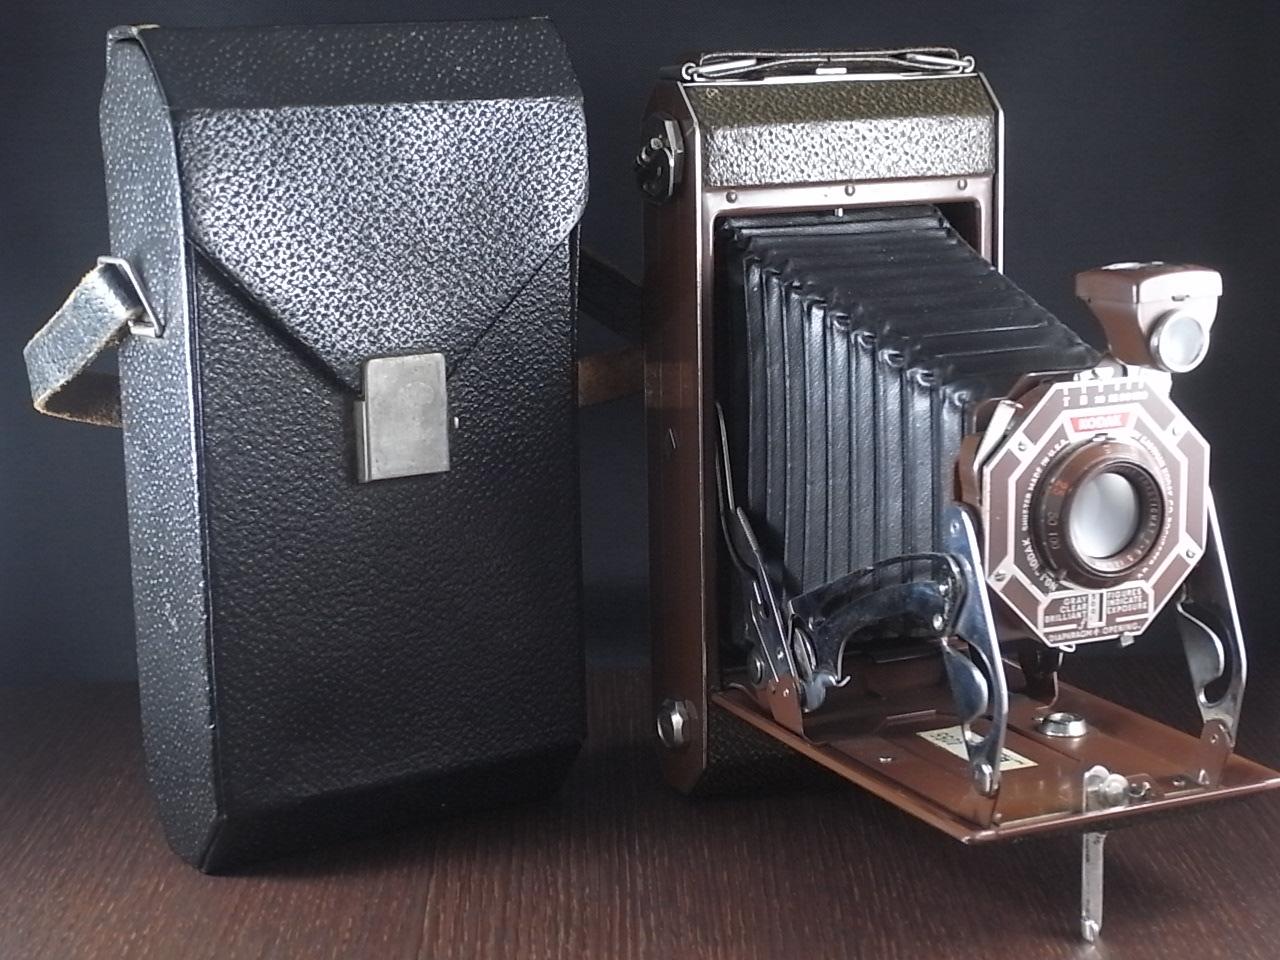 コダック アールデコ 蛇腹カメラ SIX-16 ブラウンの写真6枚目